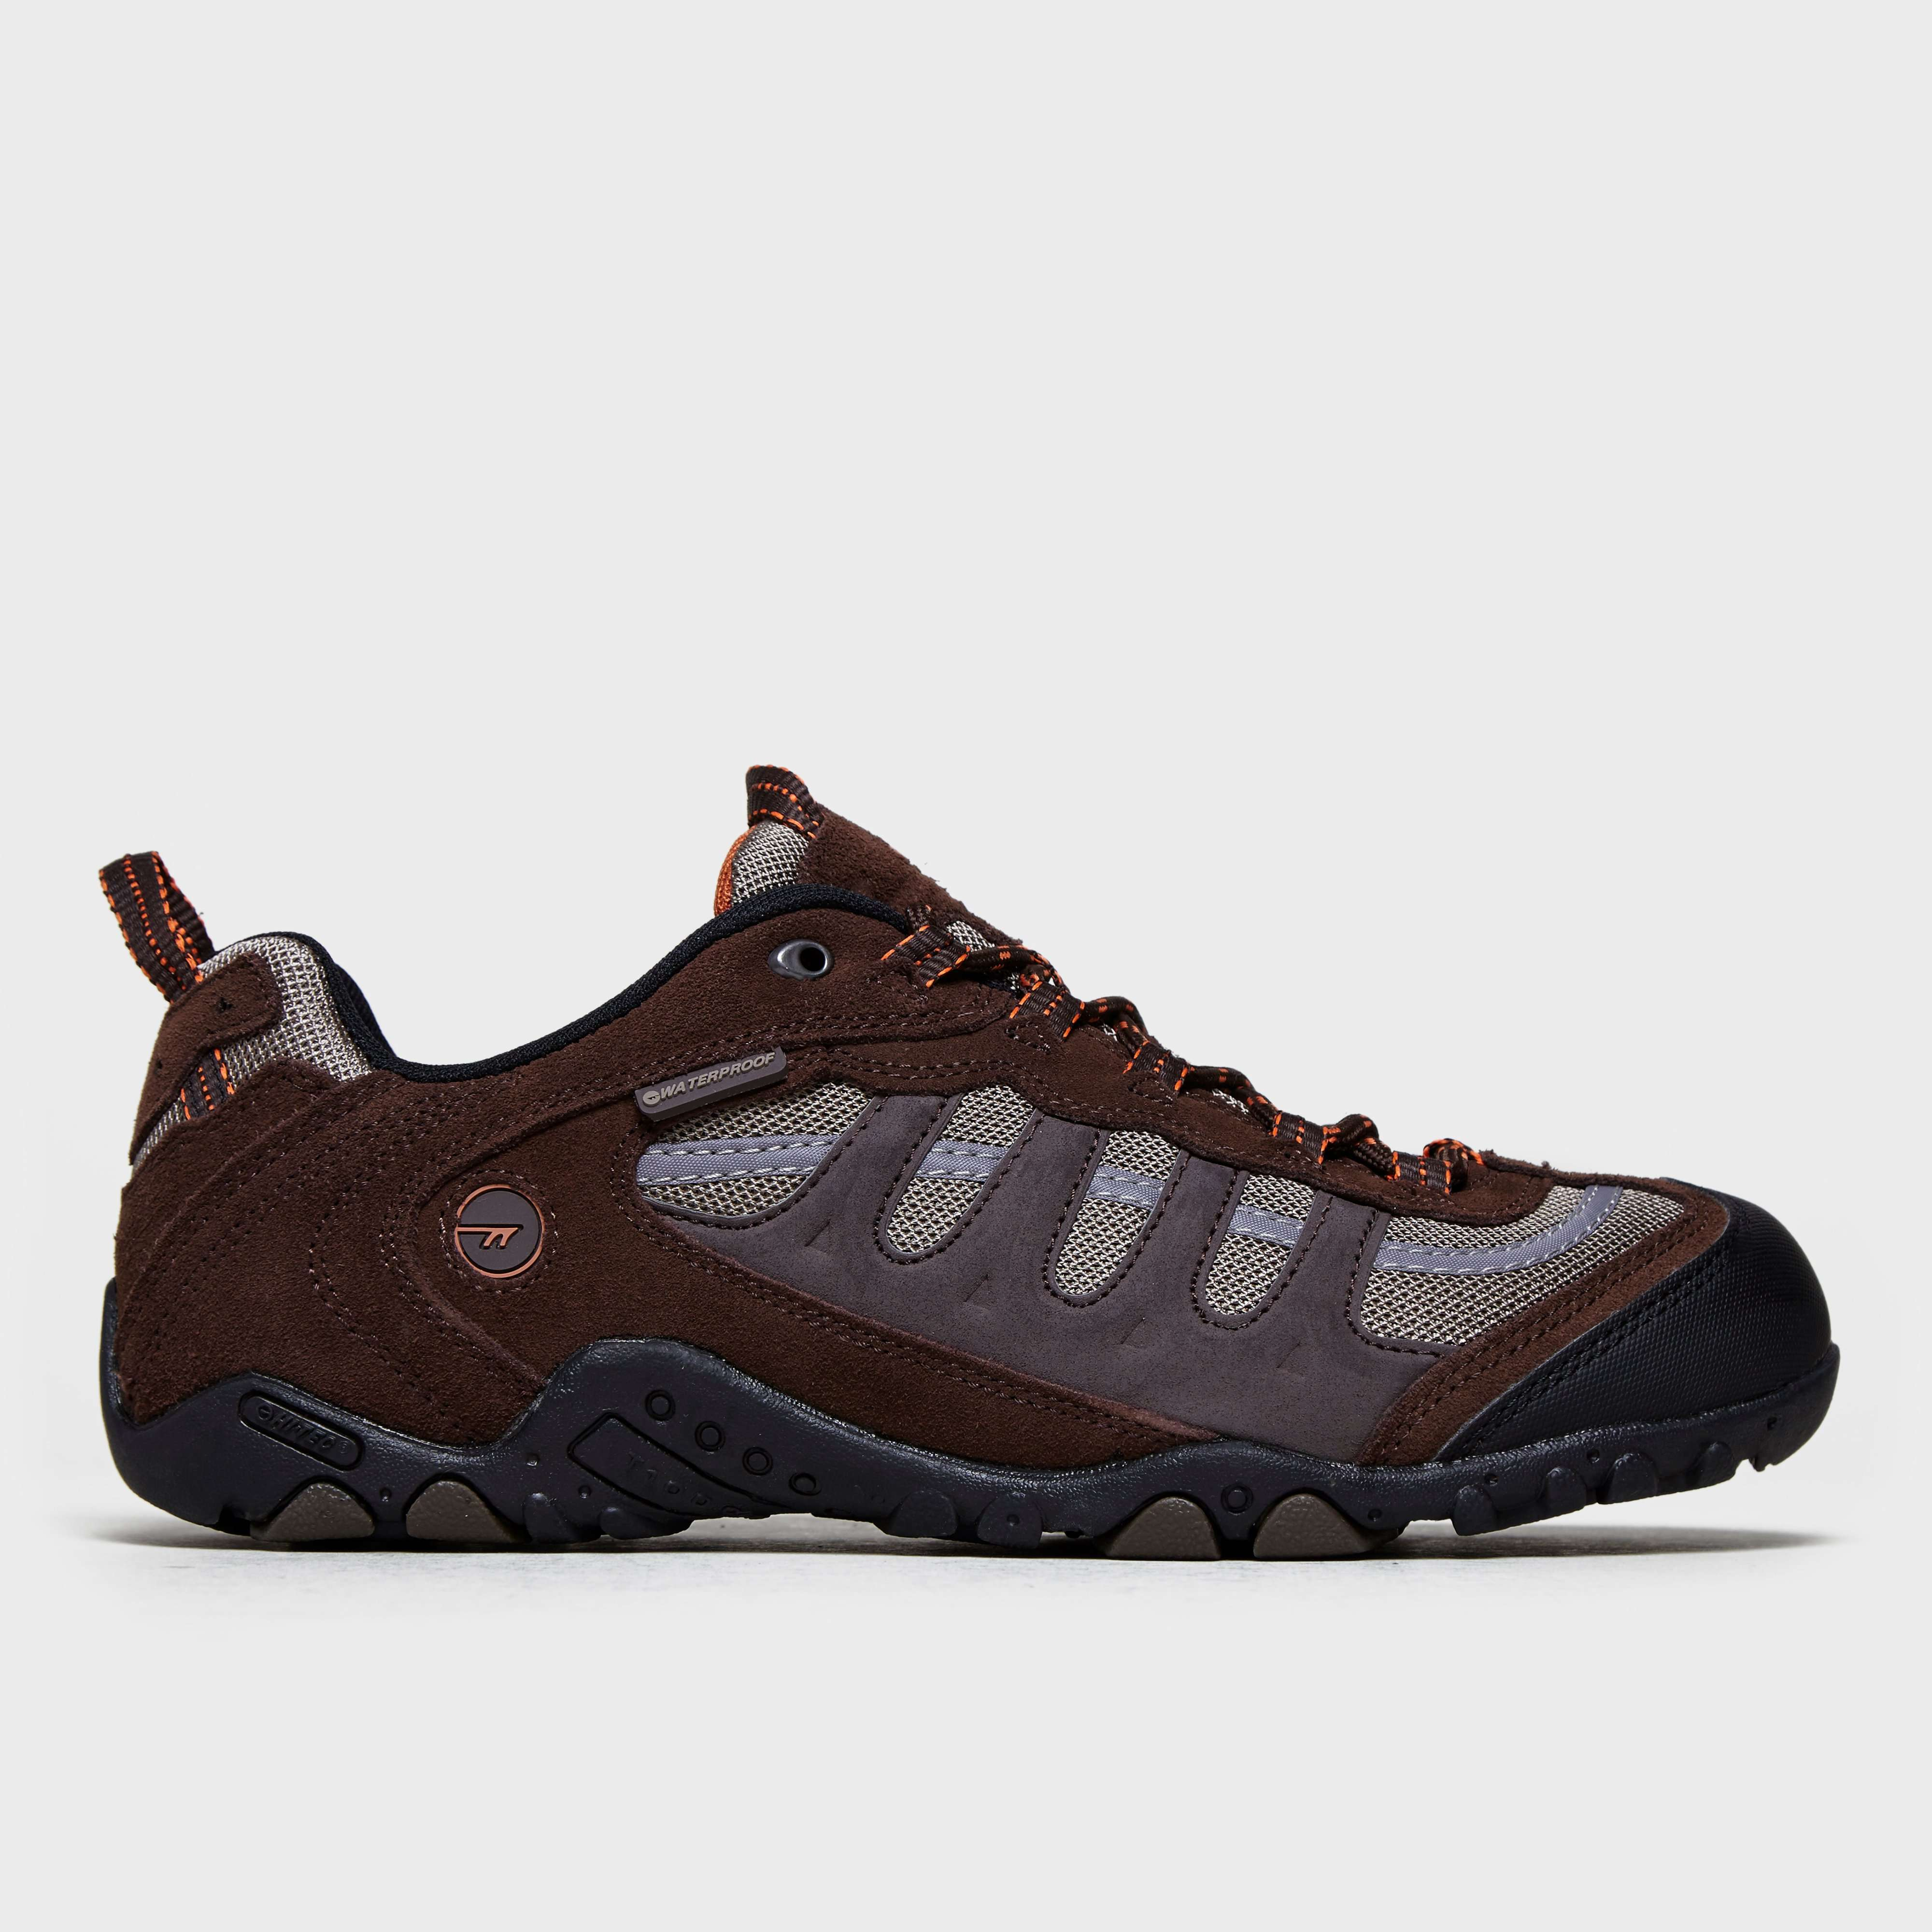 HI TEC Men's Penrith Walking Shoes